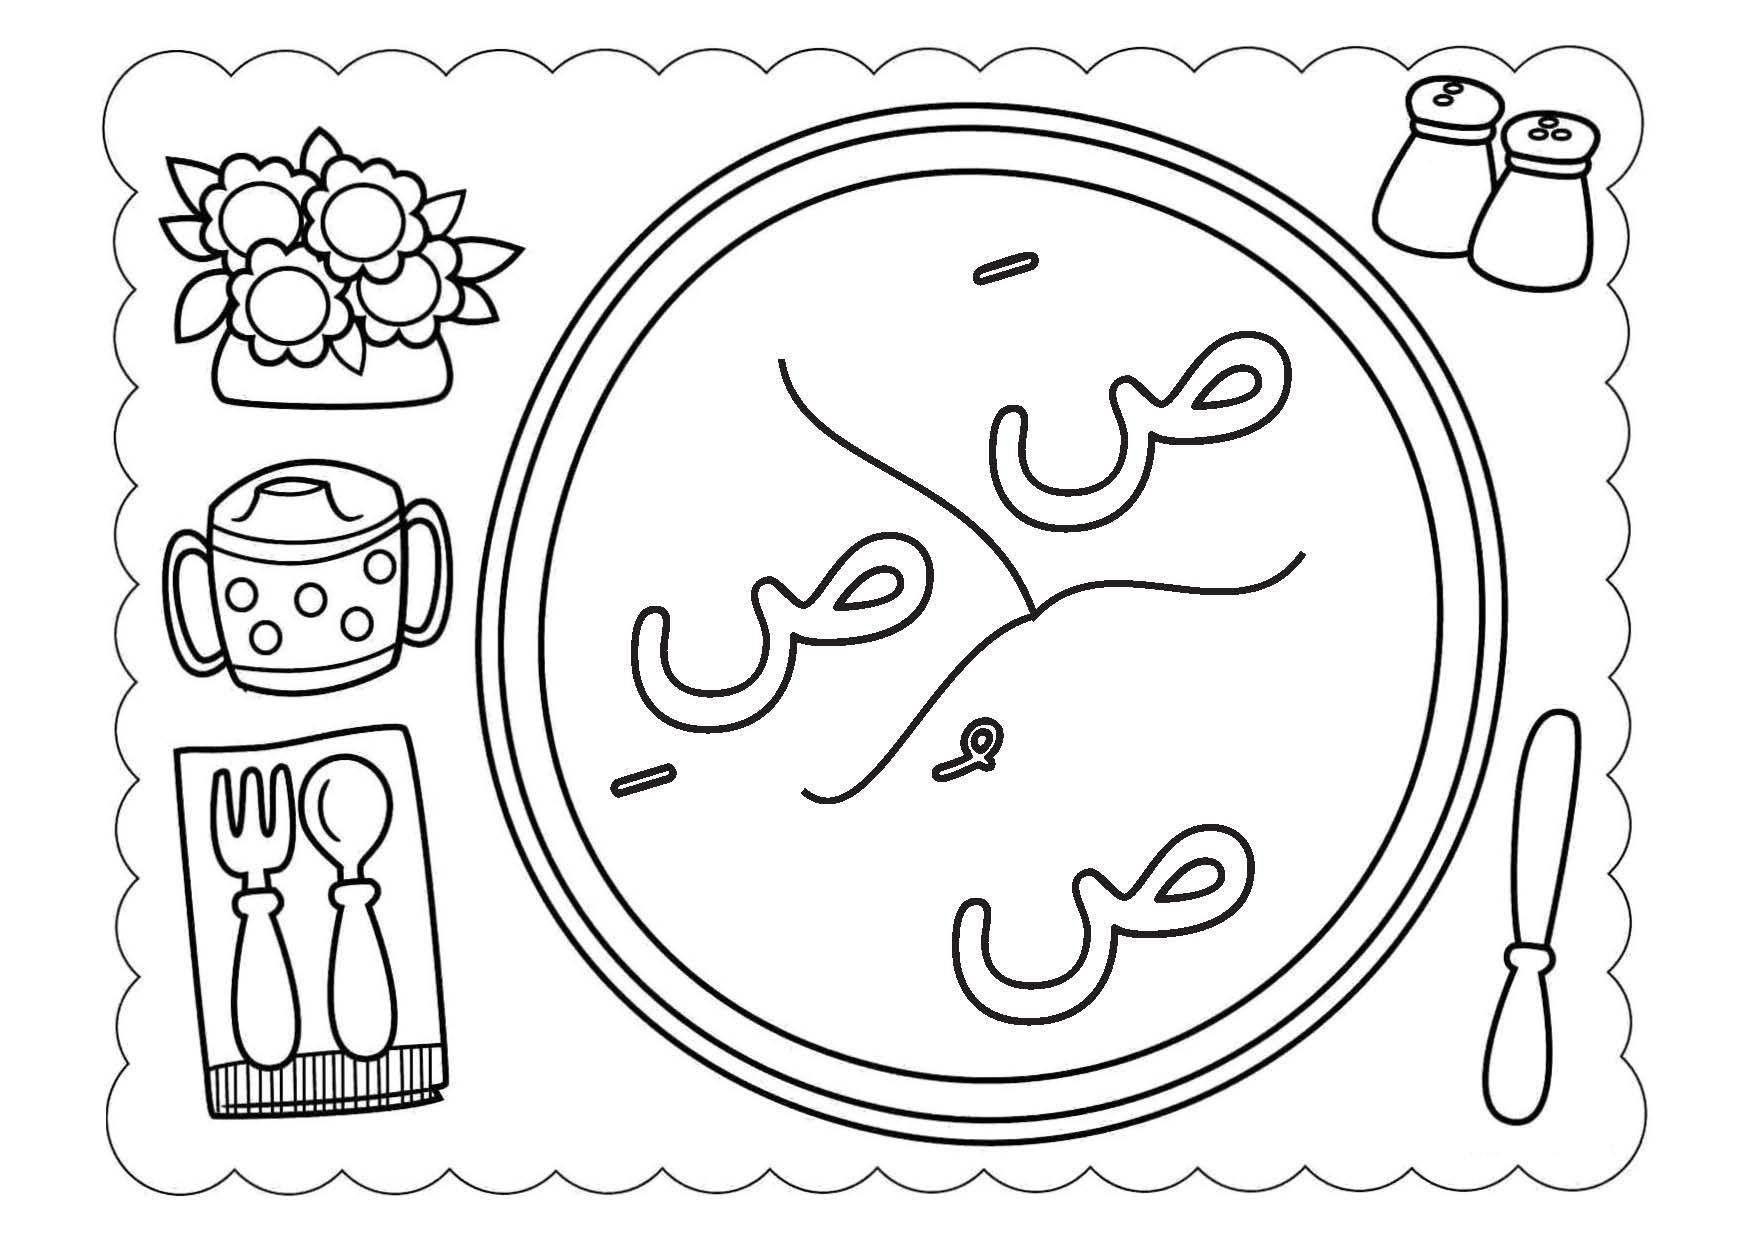 Epingle Par Seher Coskun Sur Elif Cuz Apprendre L Arabe Langue Arabe